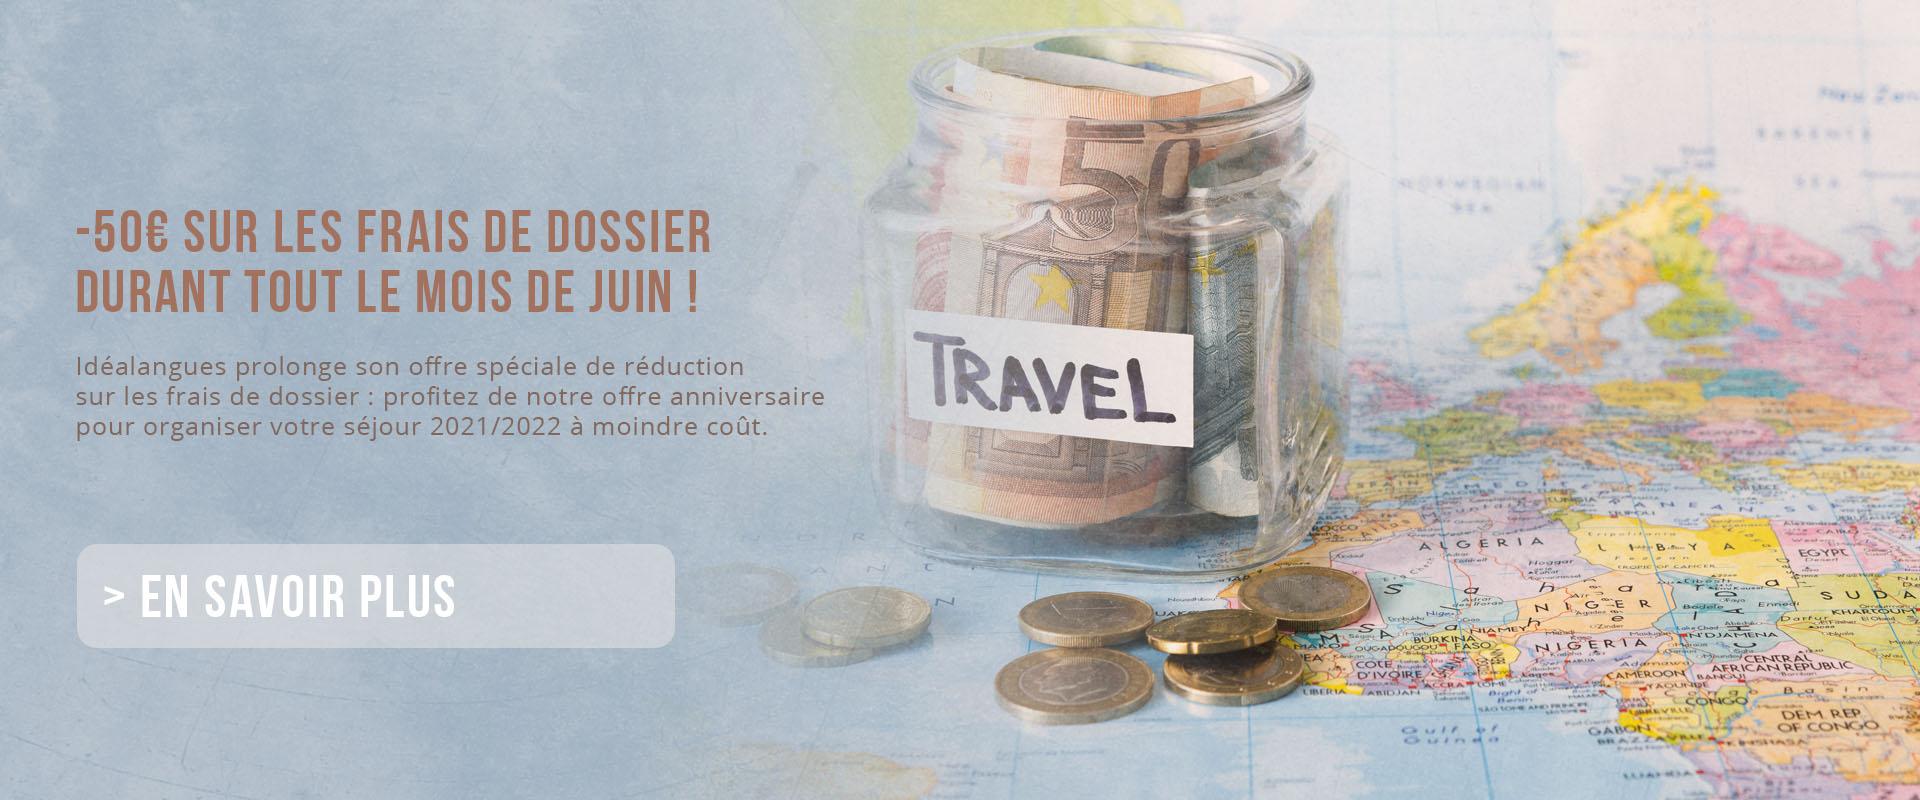 50 euros prolongation juin 2021 slider